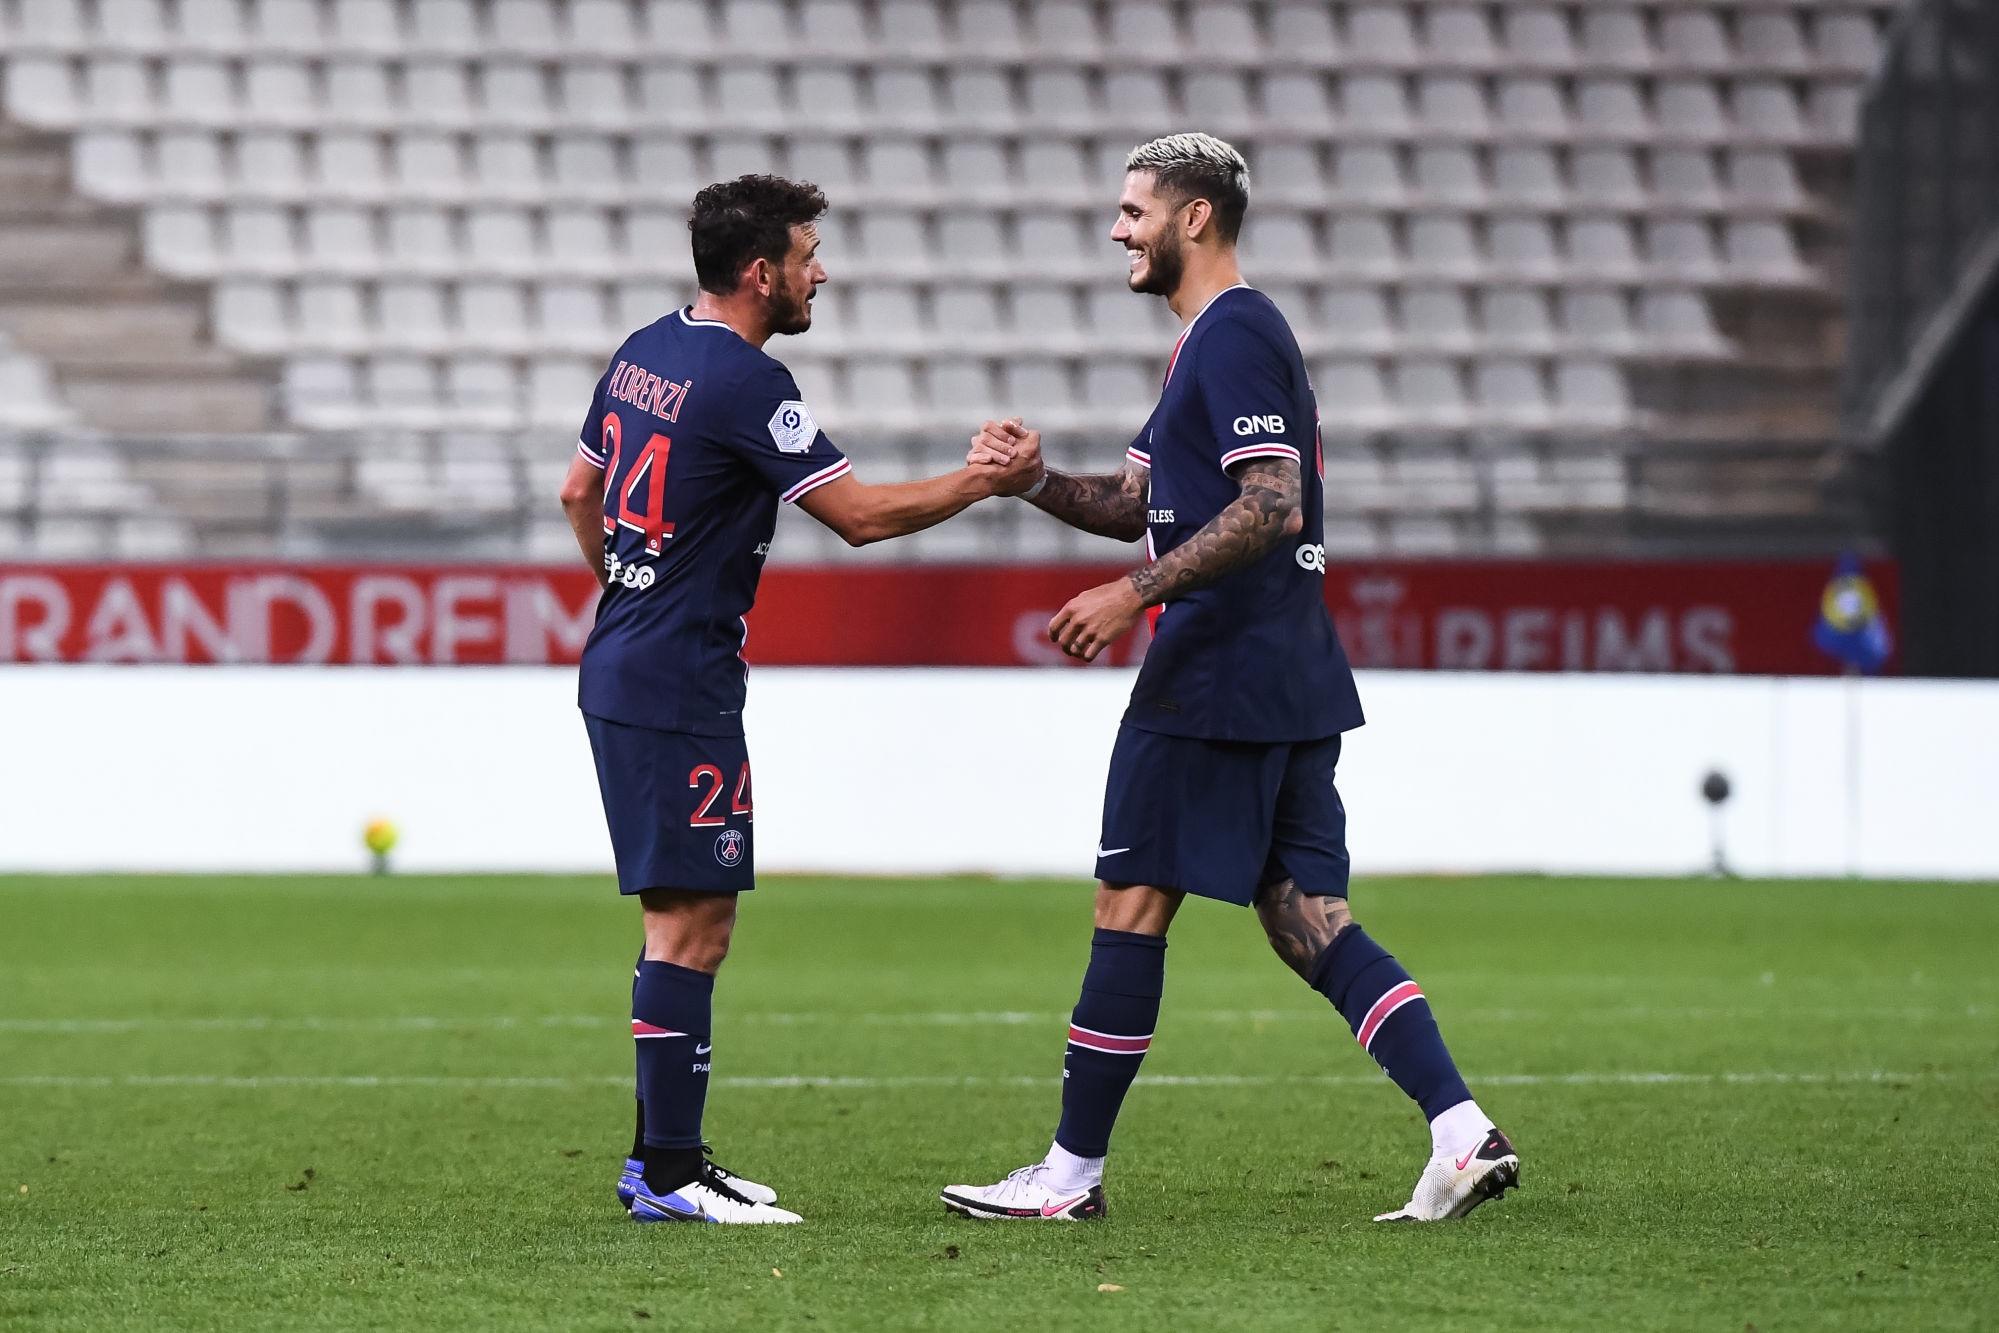 """Reims/PSG - Icardi souligne le positif, même si """"on aurait pu tuer le match"""""""